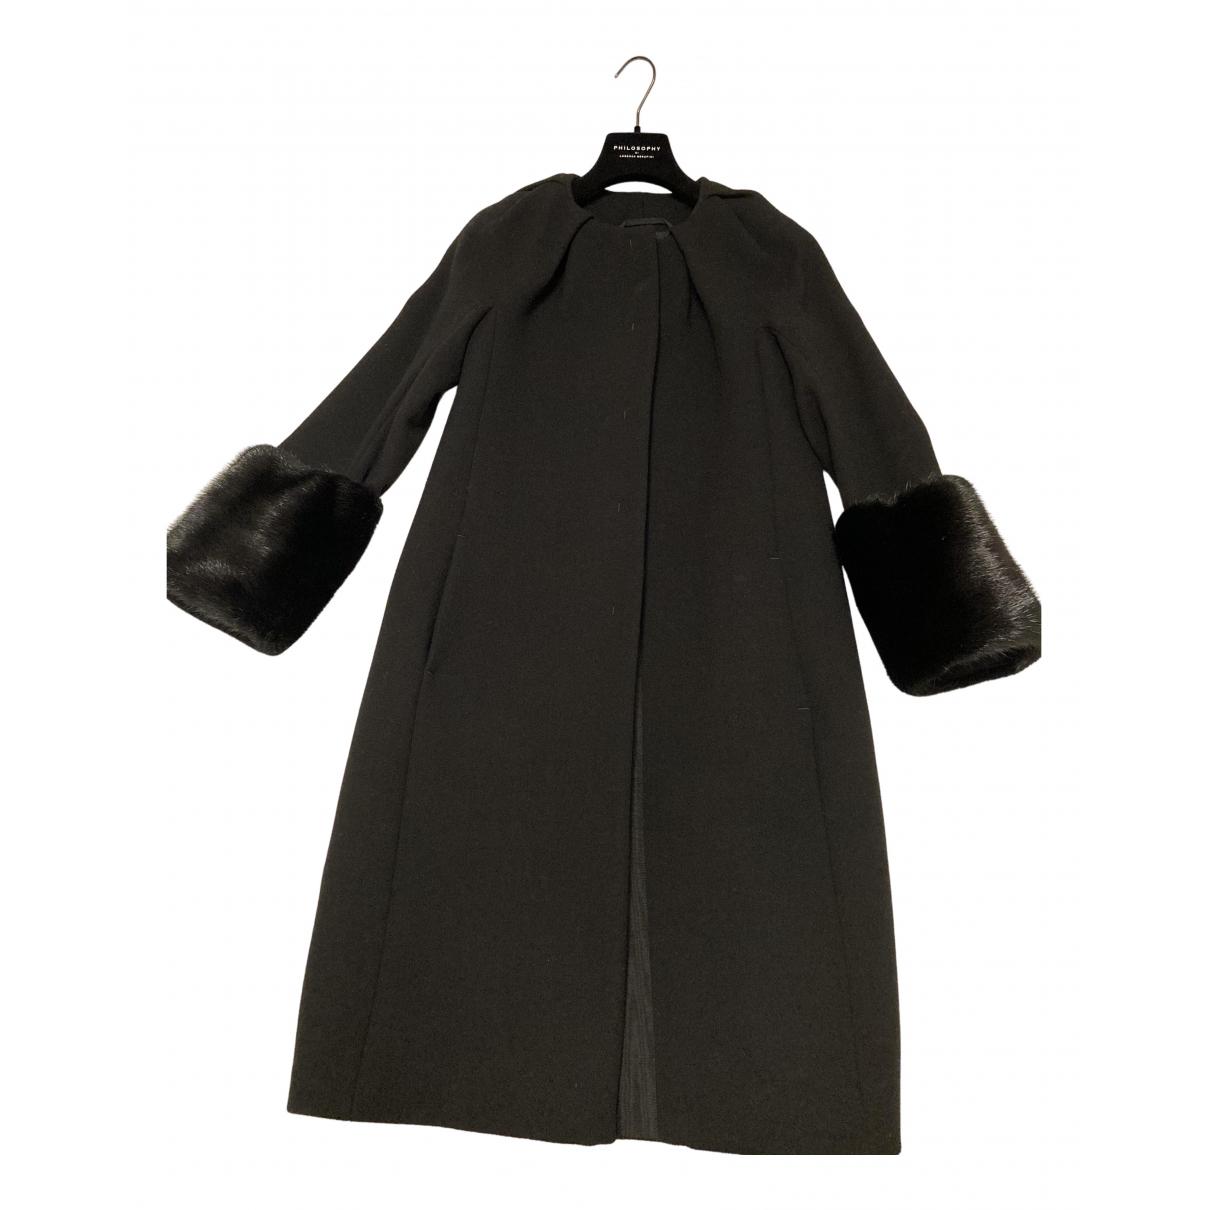 Max Mara - Manteau Max Mara Atelier pour femme en laine - noir